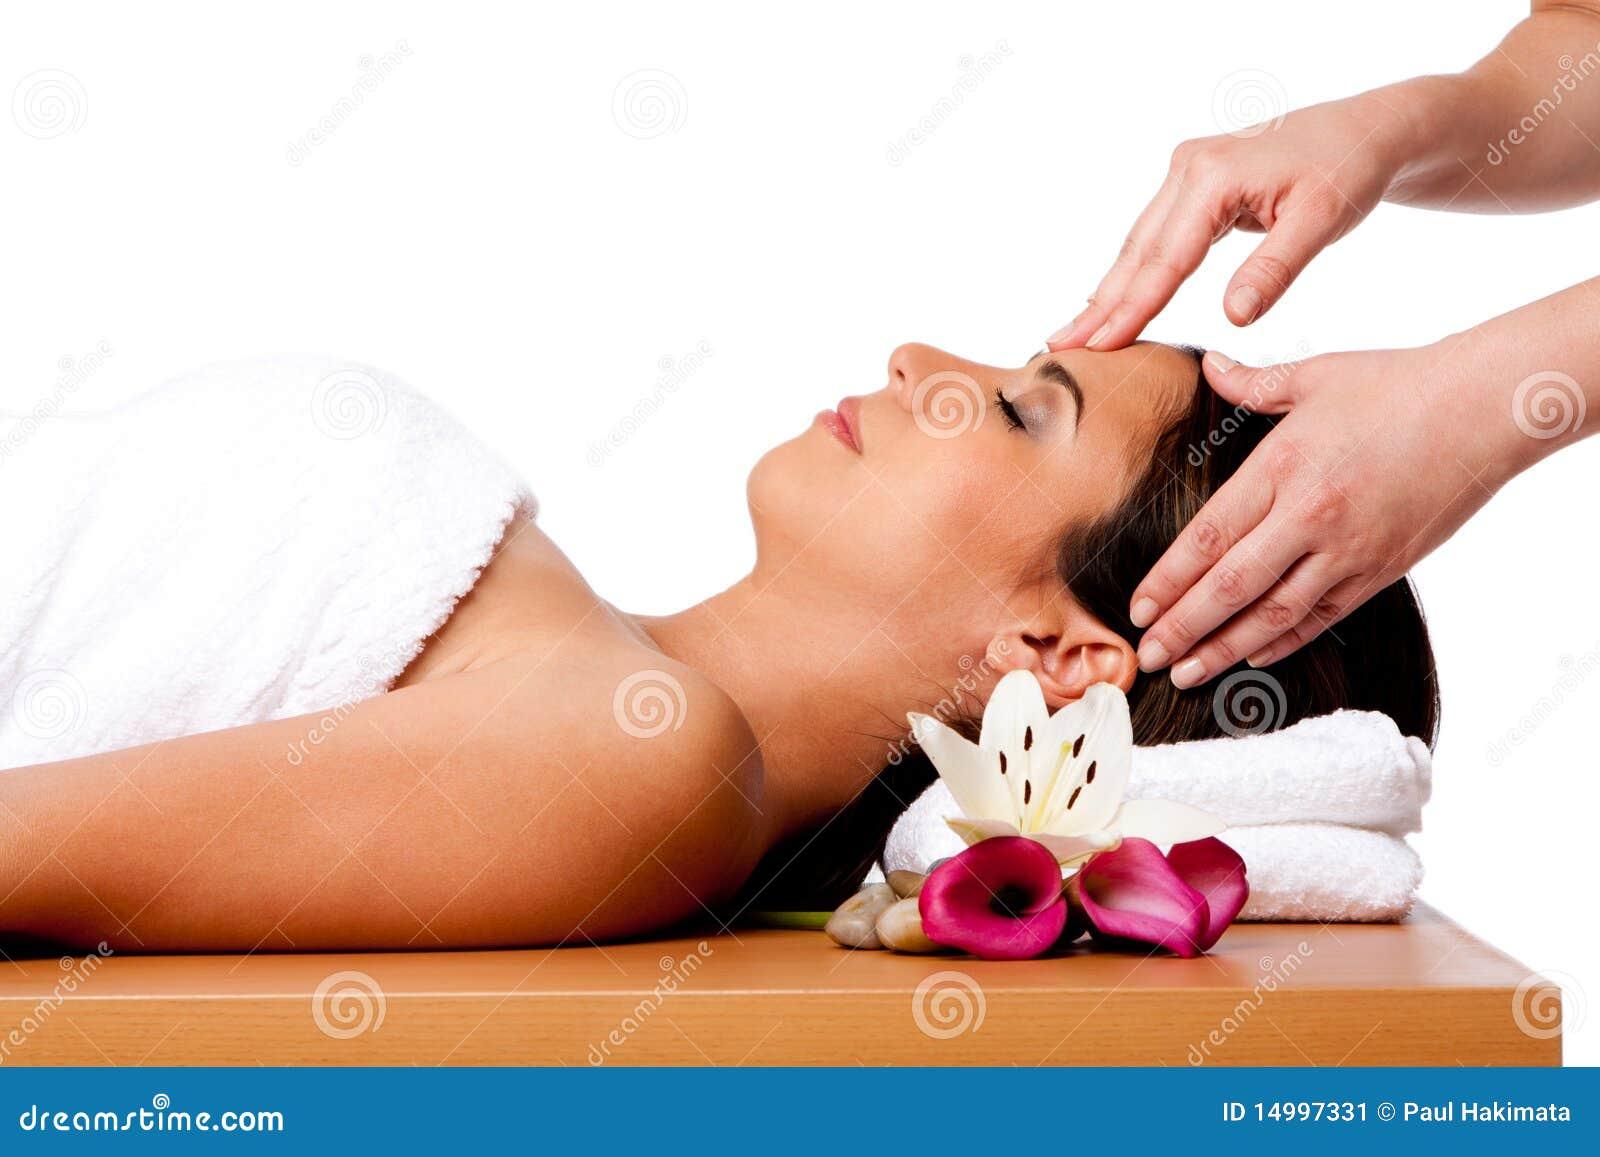 Massaggio facciale in stazione termale